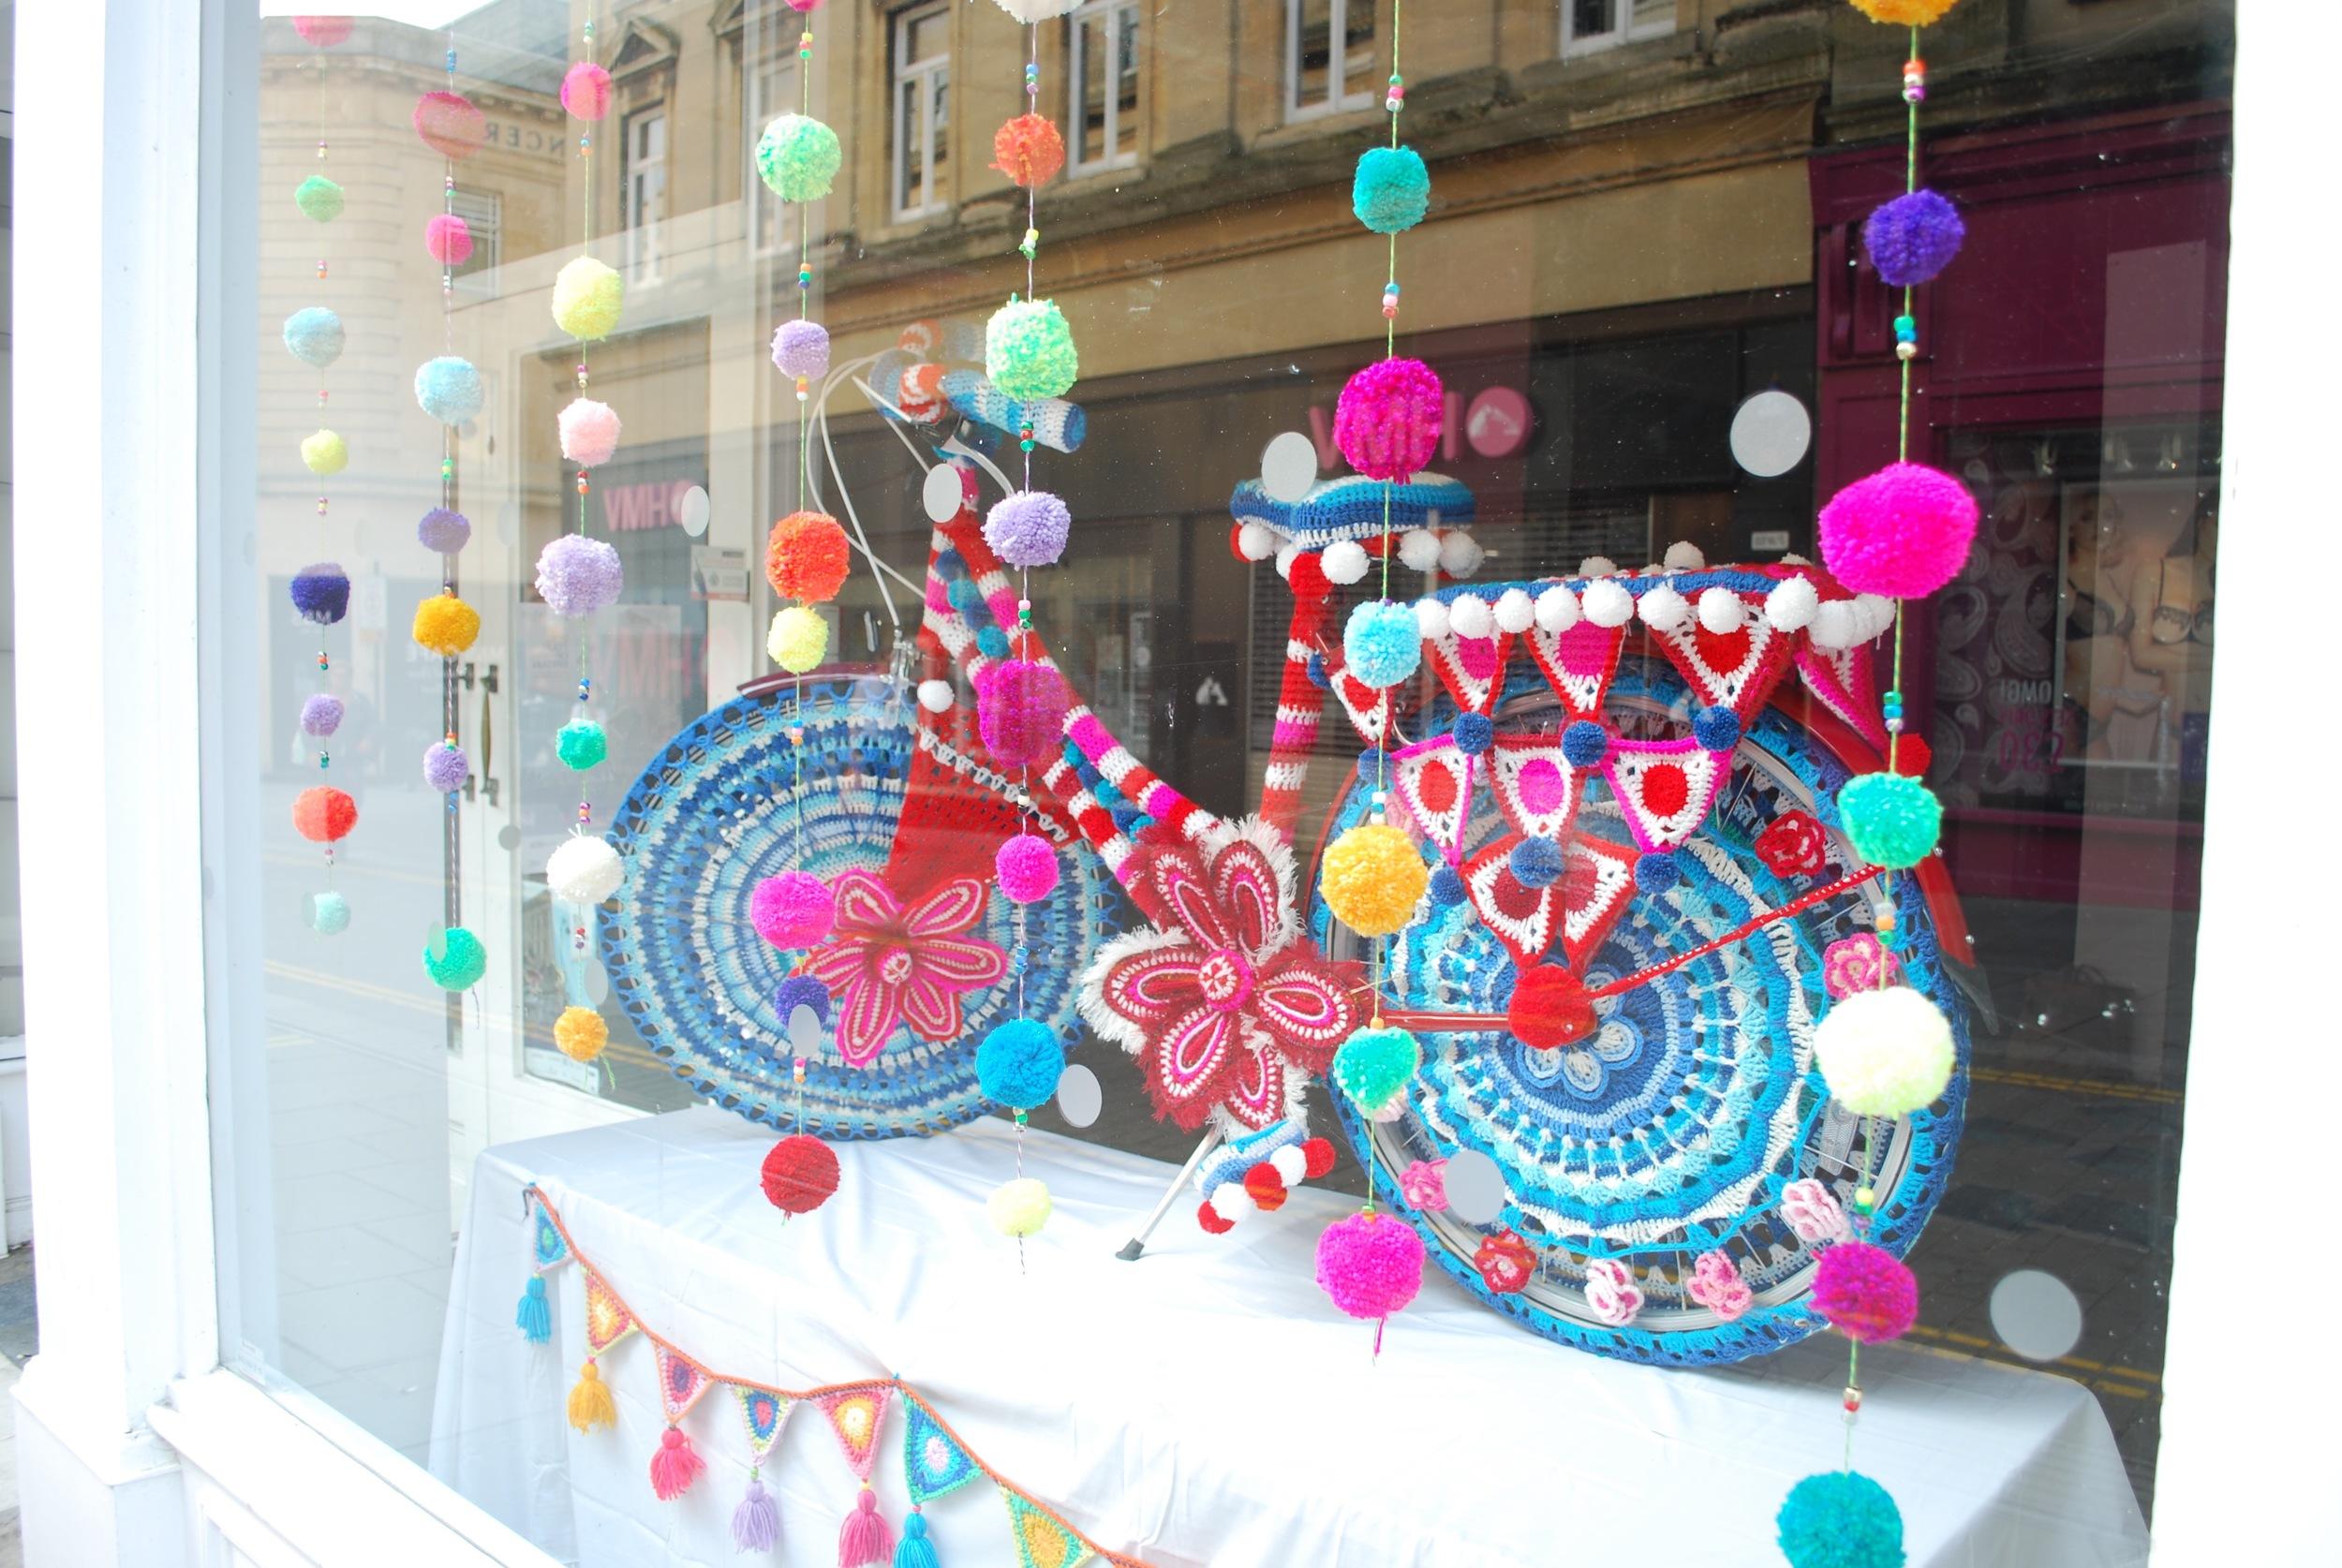 Yarn Bomb bike in shop window dispaly